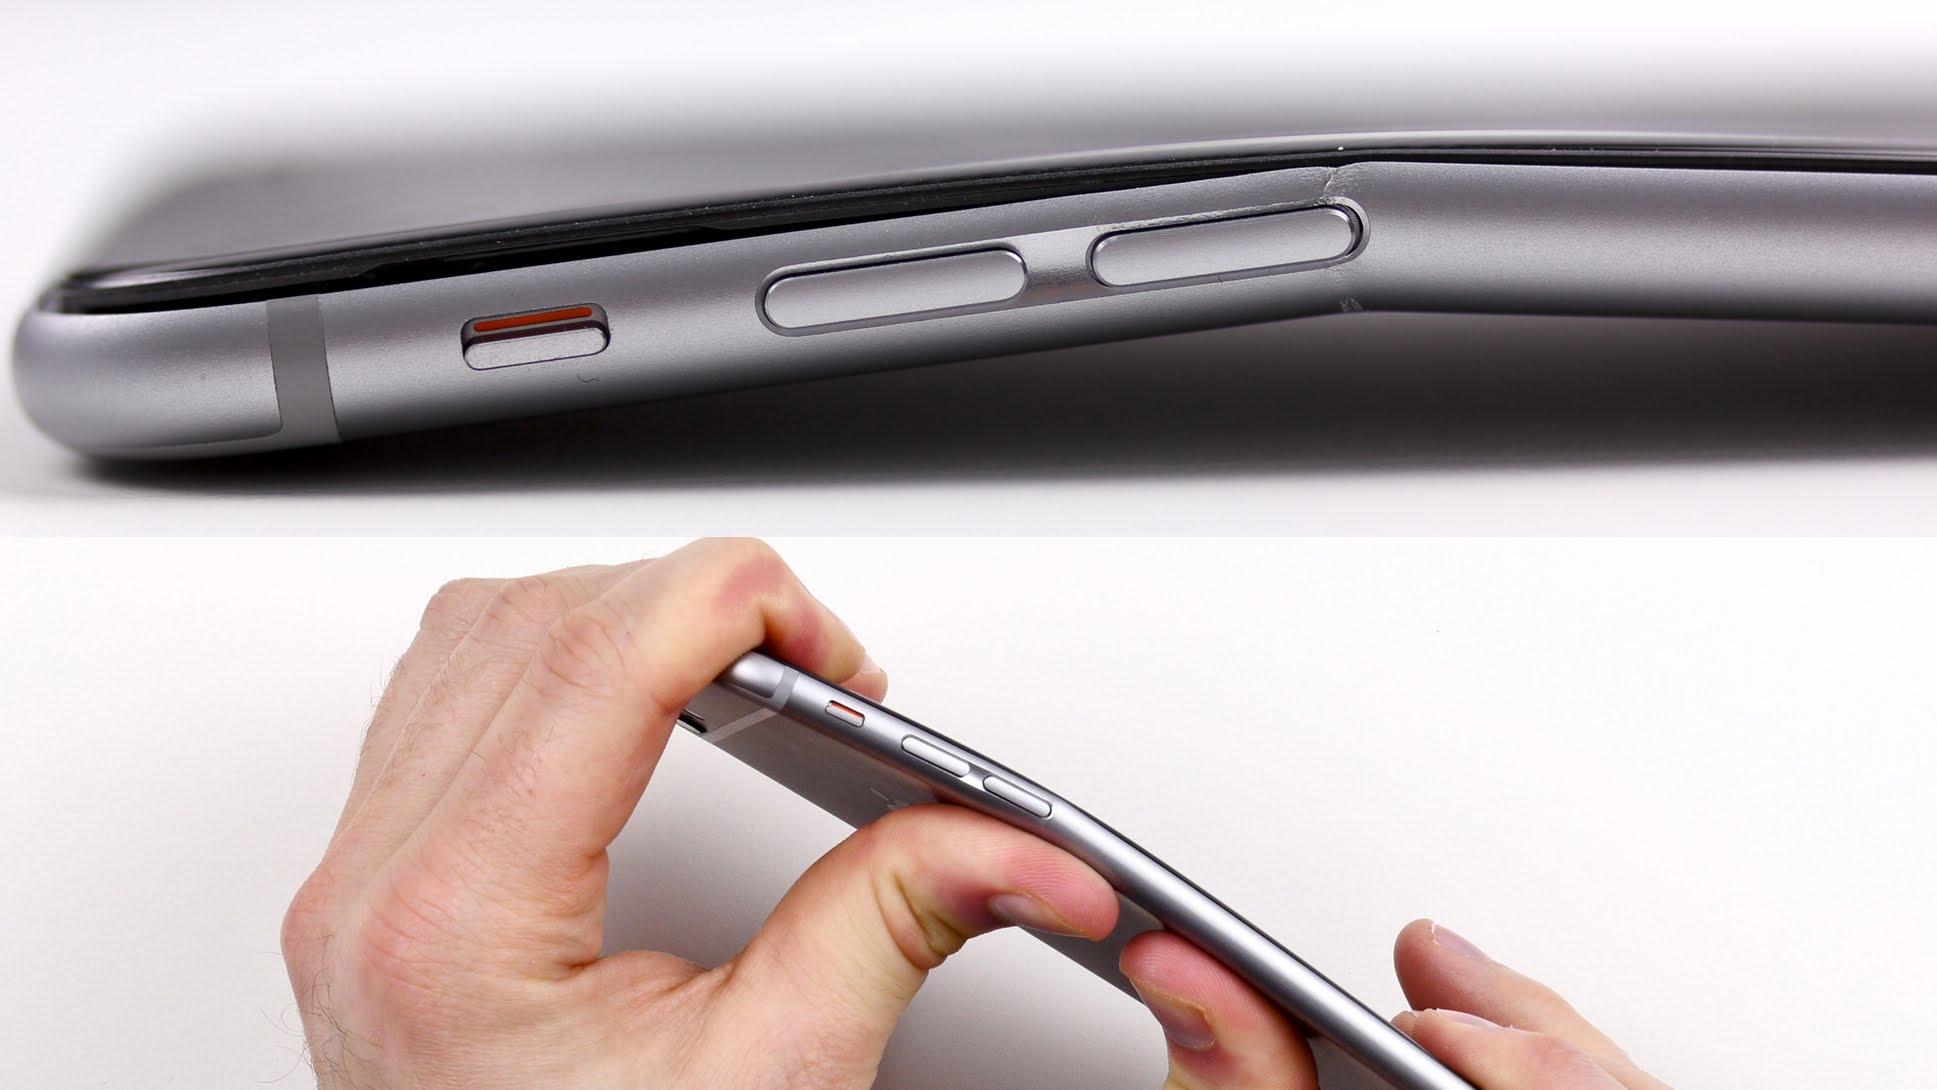 Bendgate   Apple aurait commercialisé l iPhone 6 en connaissant son défaut  de rigidité 5ffae4d3d5db